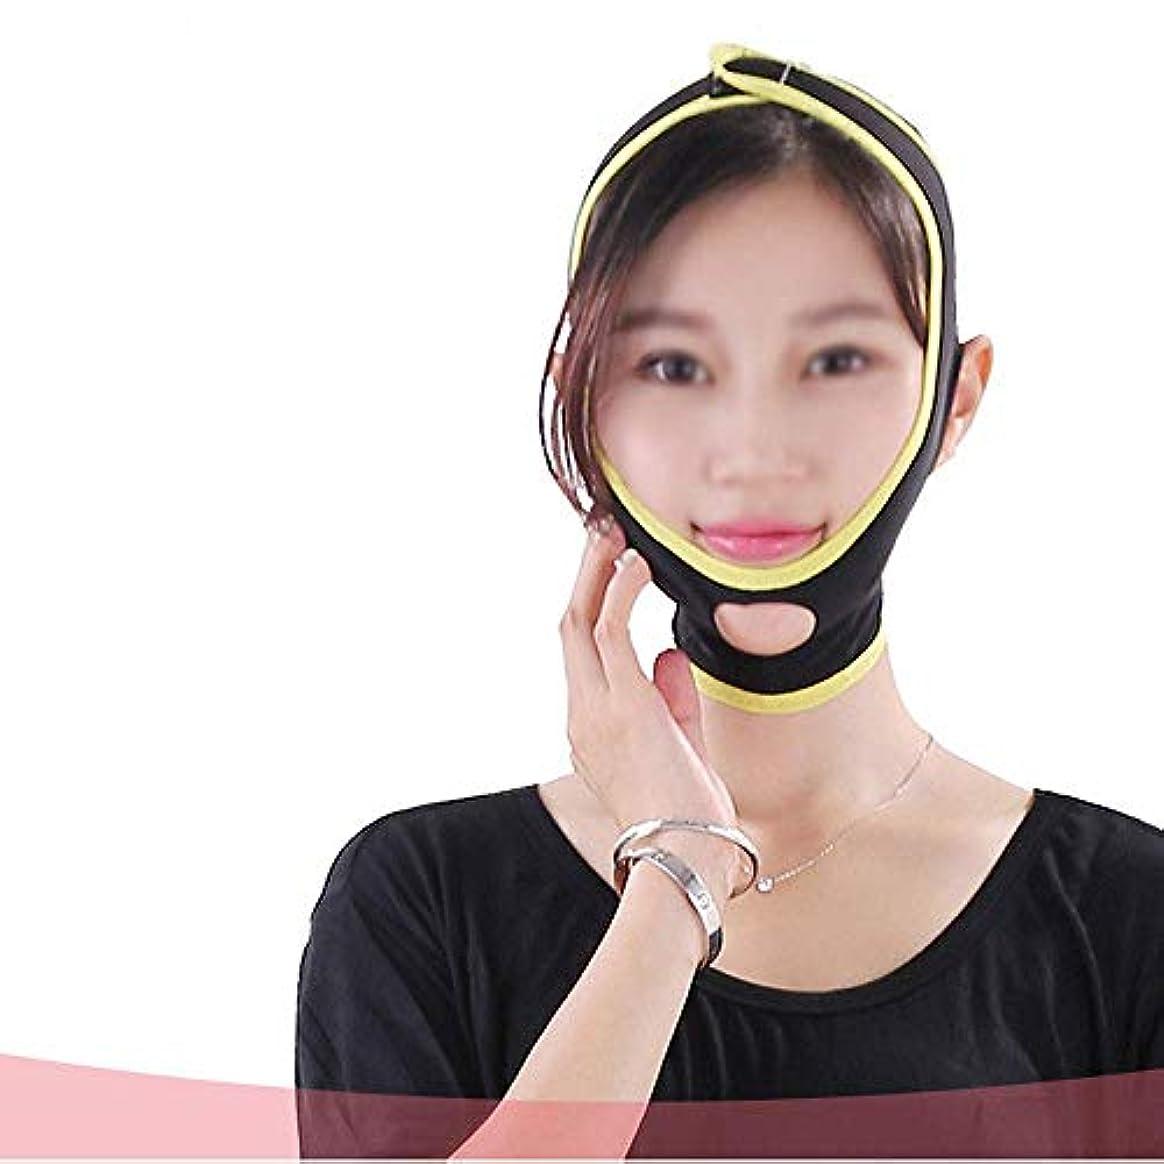 失効バブル実装するスリープフェイスマスク、薄手のフェイスバンデージ、スモールフェイスV、フェイスフェイス、フェイスリフト付き(フェイスカラー、L),L